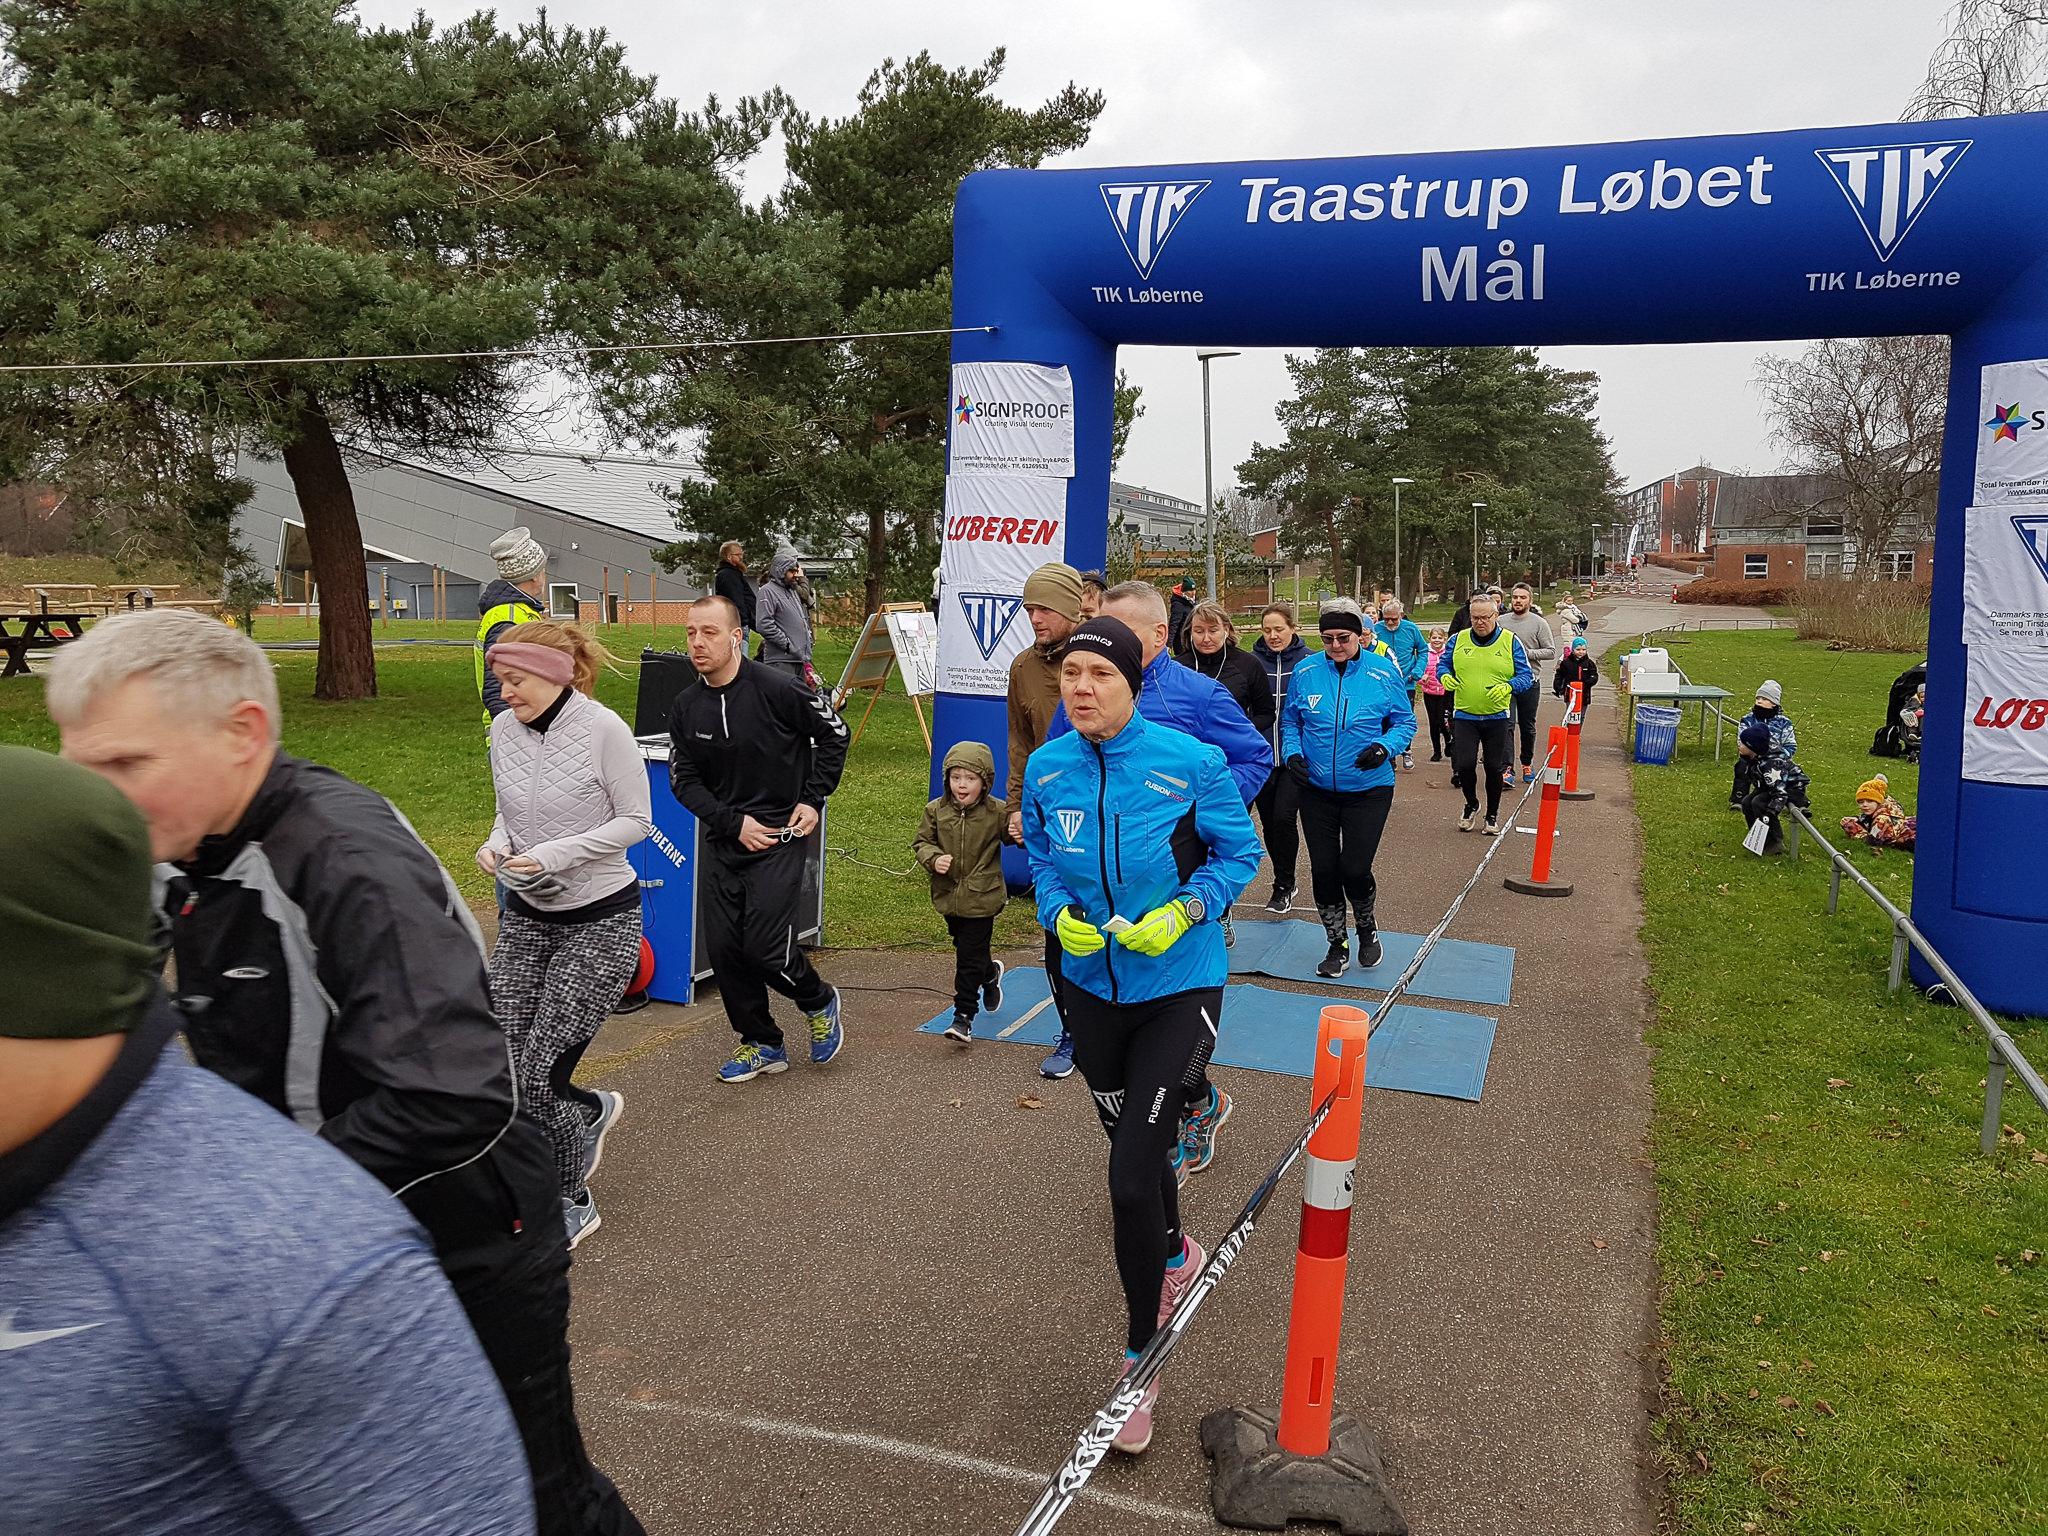 2020-02-09-205-Taastrup-Løbet-2020-02